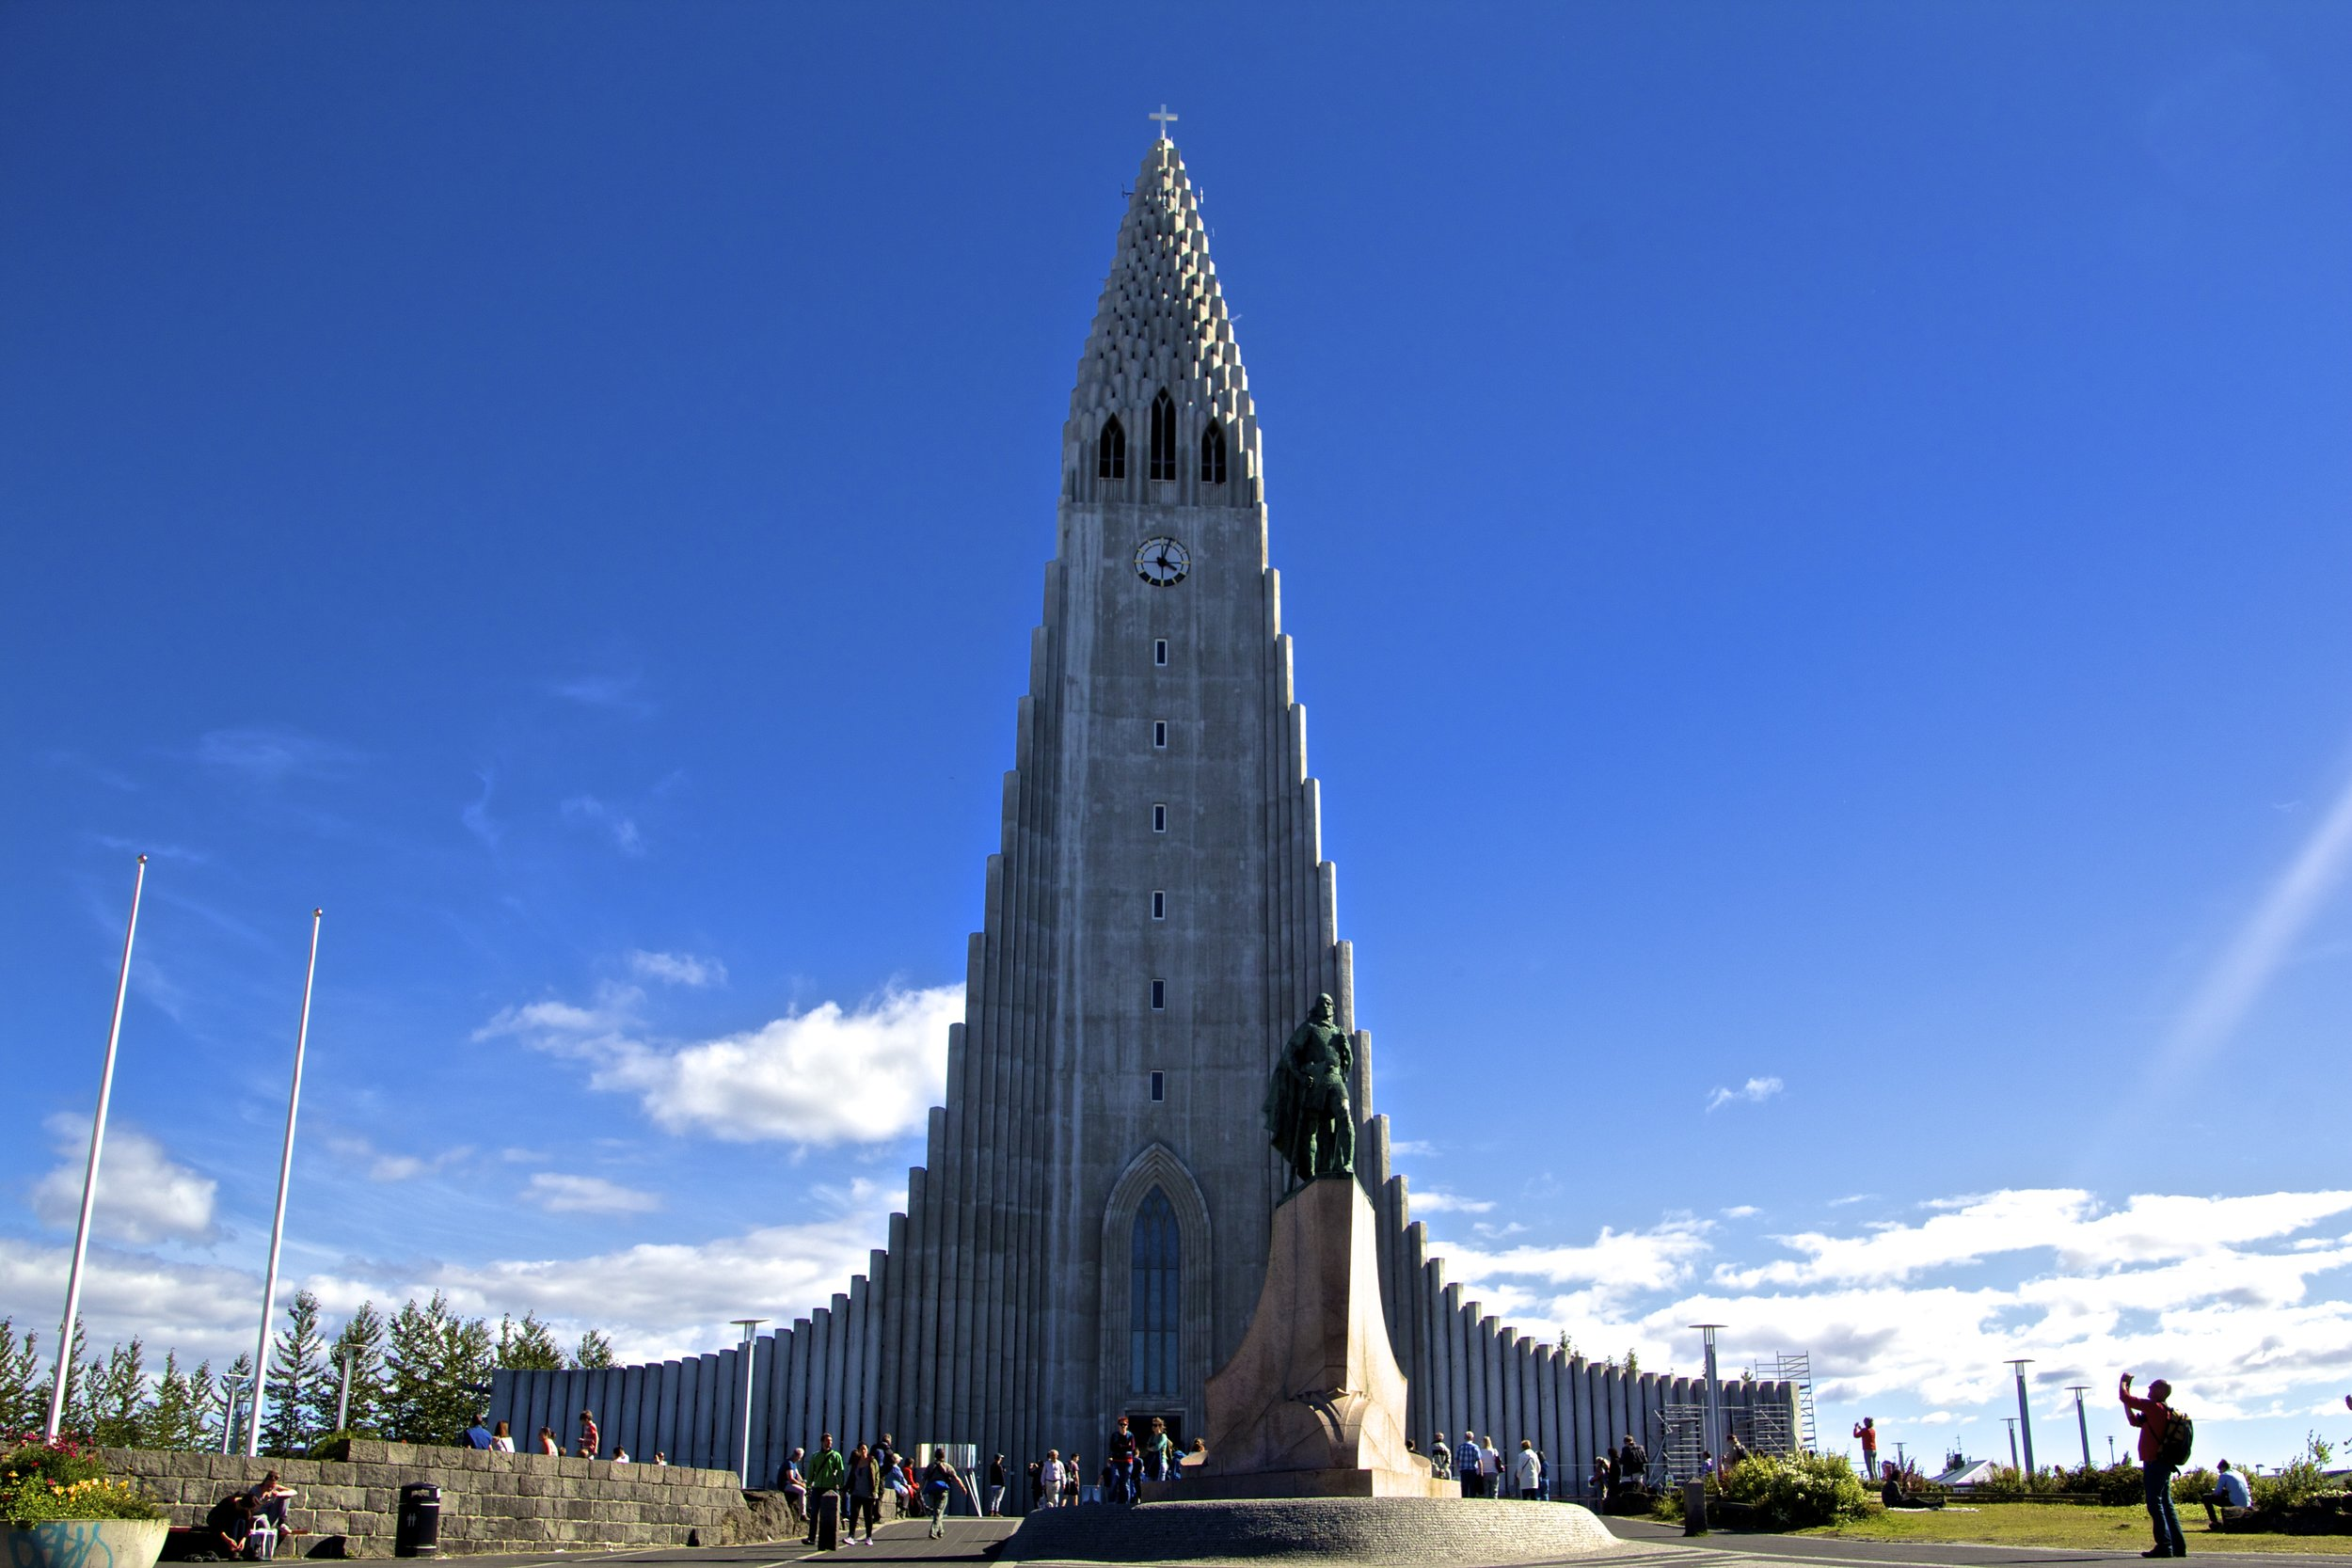 hallgrímskirkja reykjavík iceland 1.jpg